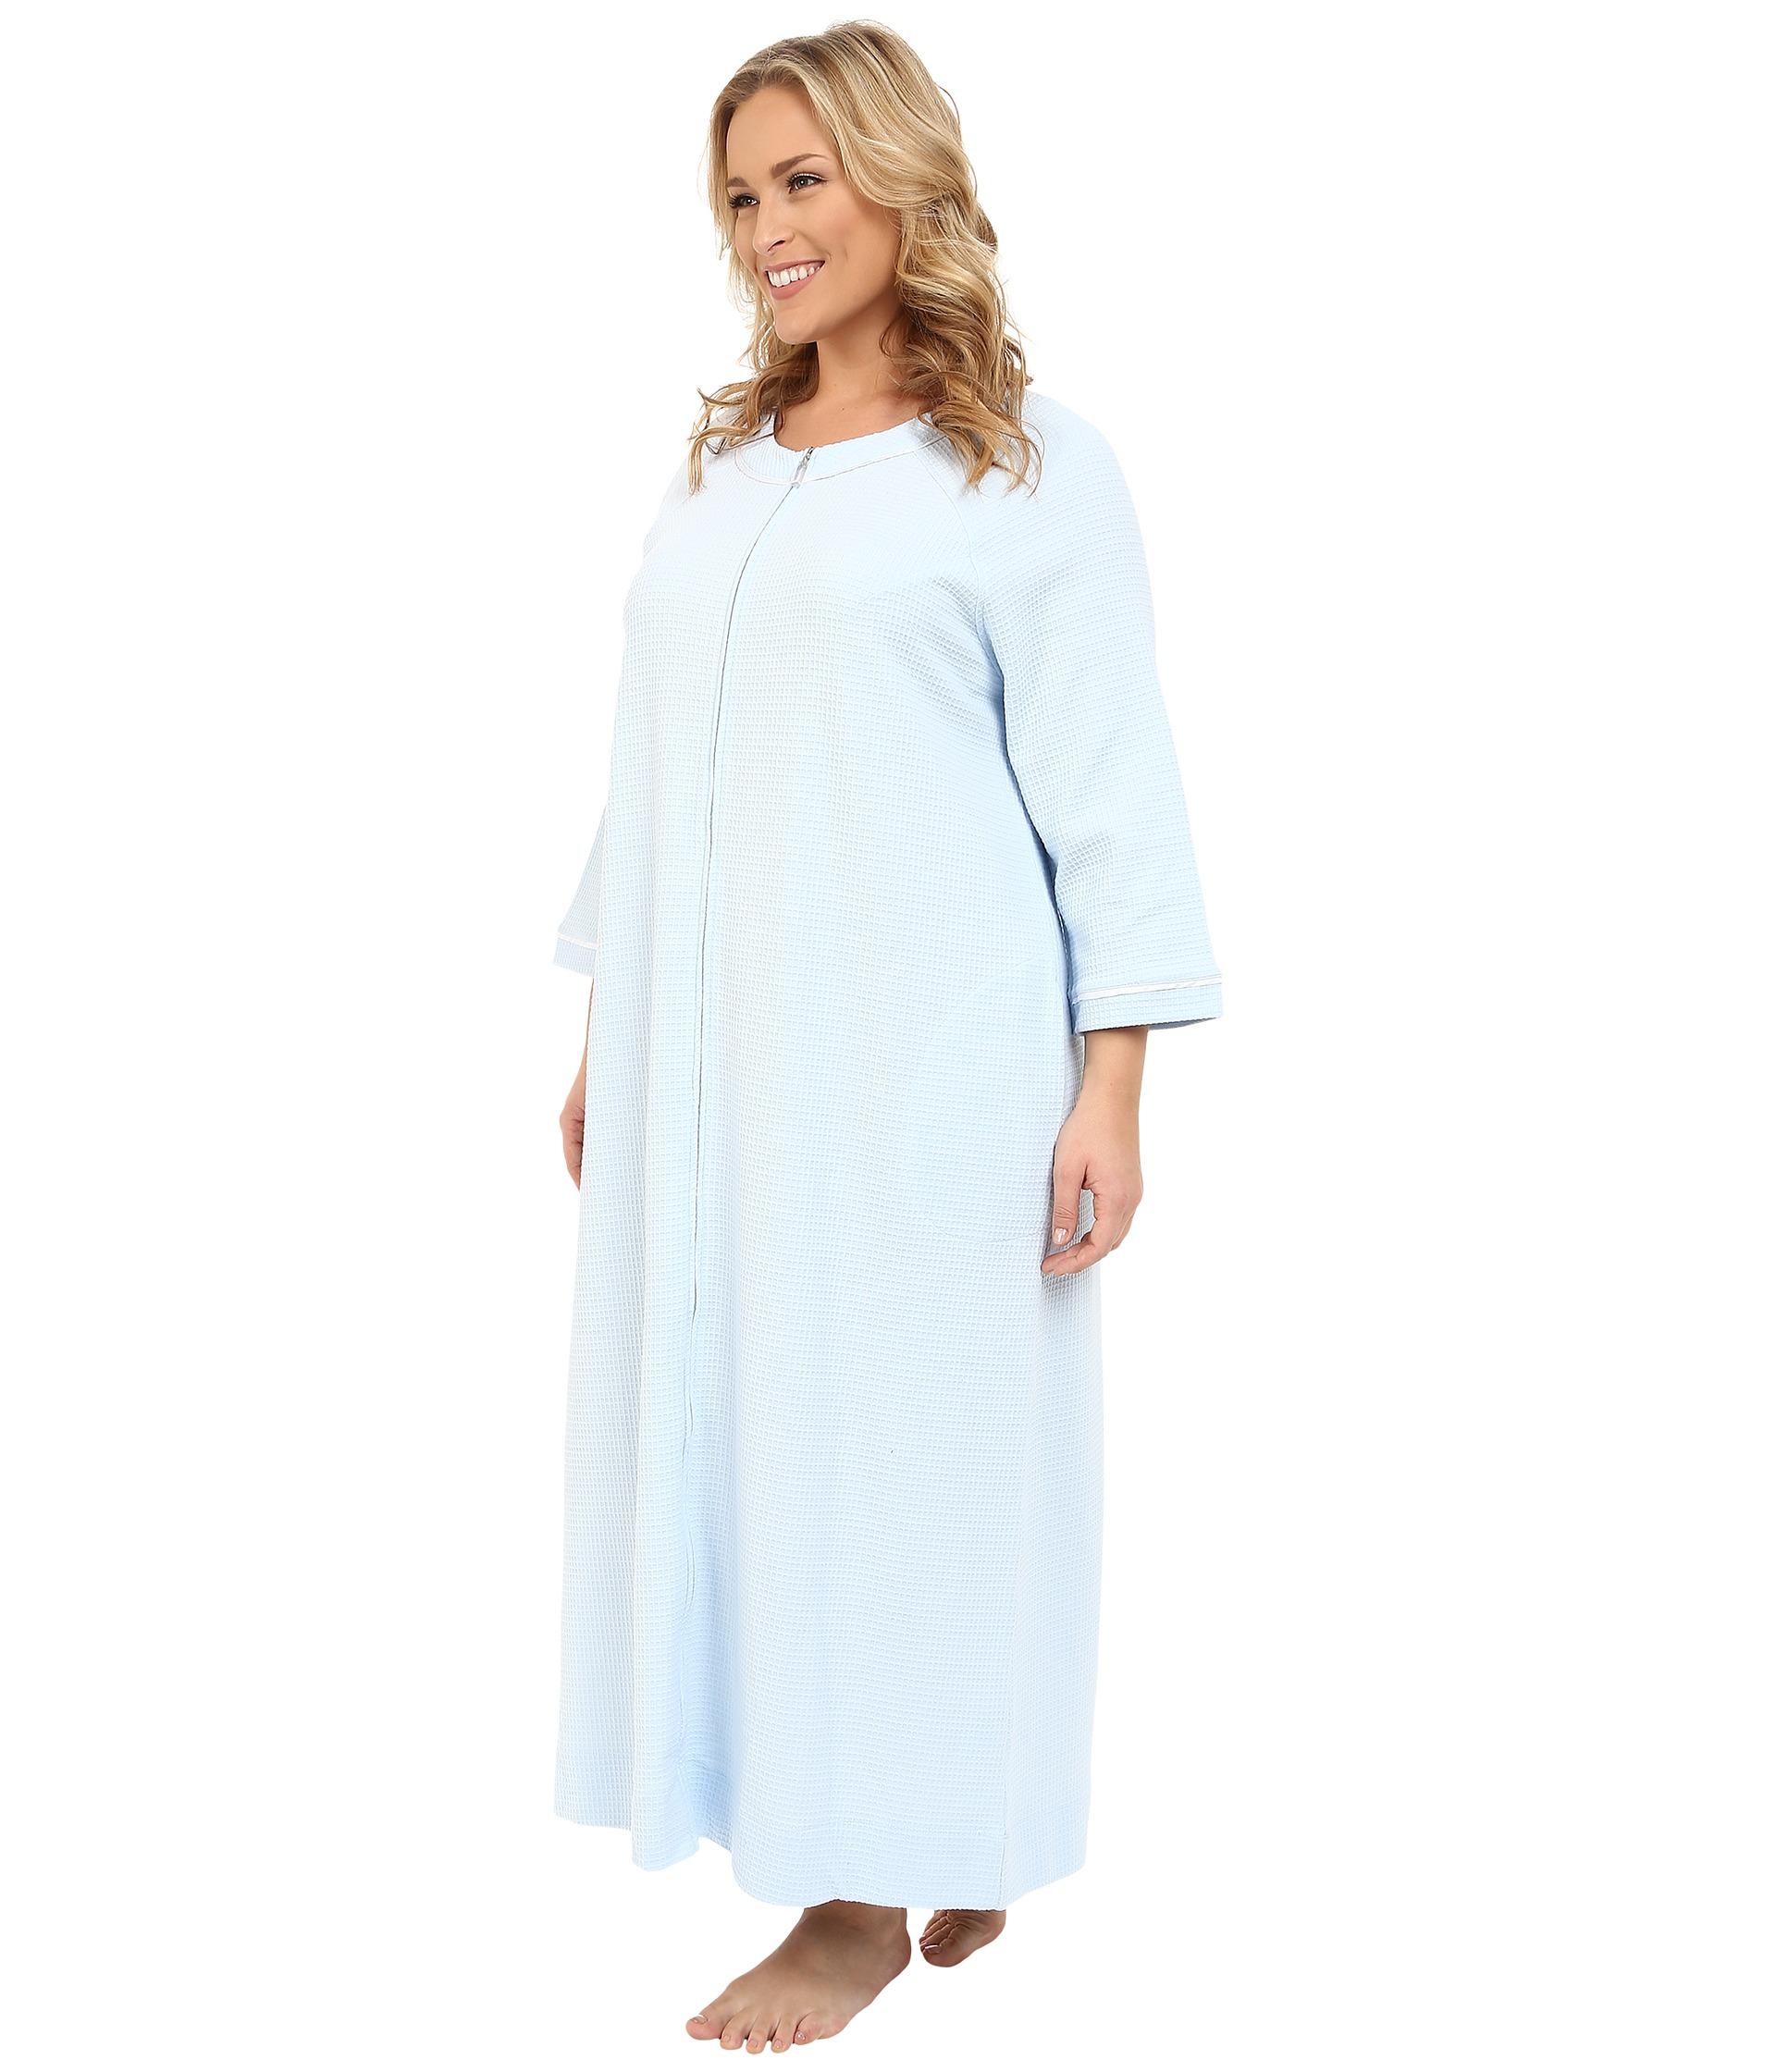 c54d4526a6 Lyst - Carole Hochman Plus Size Waffle Knit Zip Robe in Blue